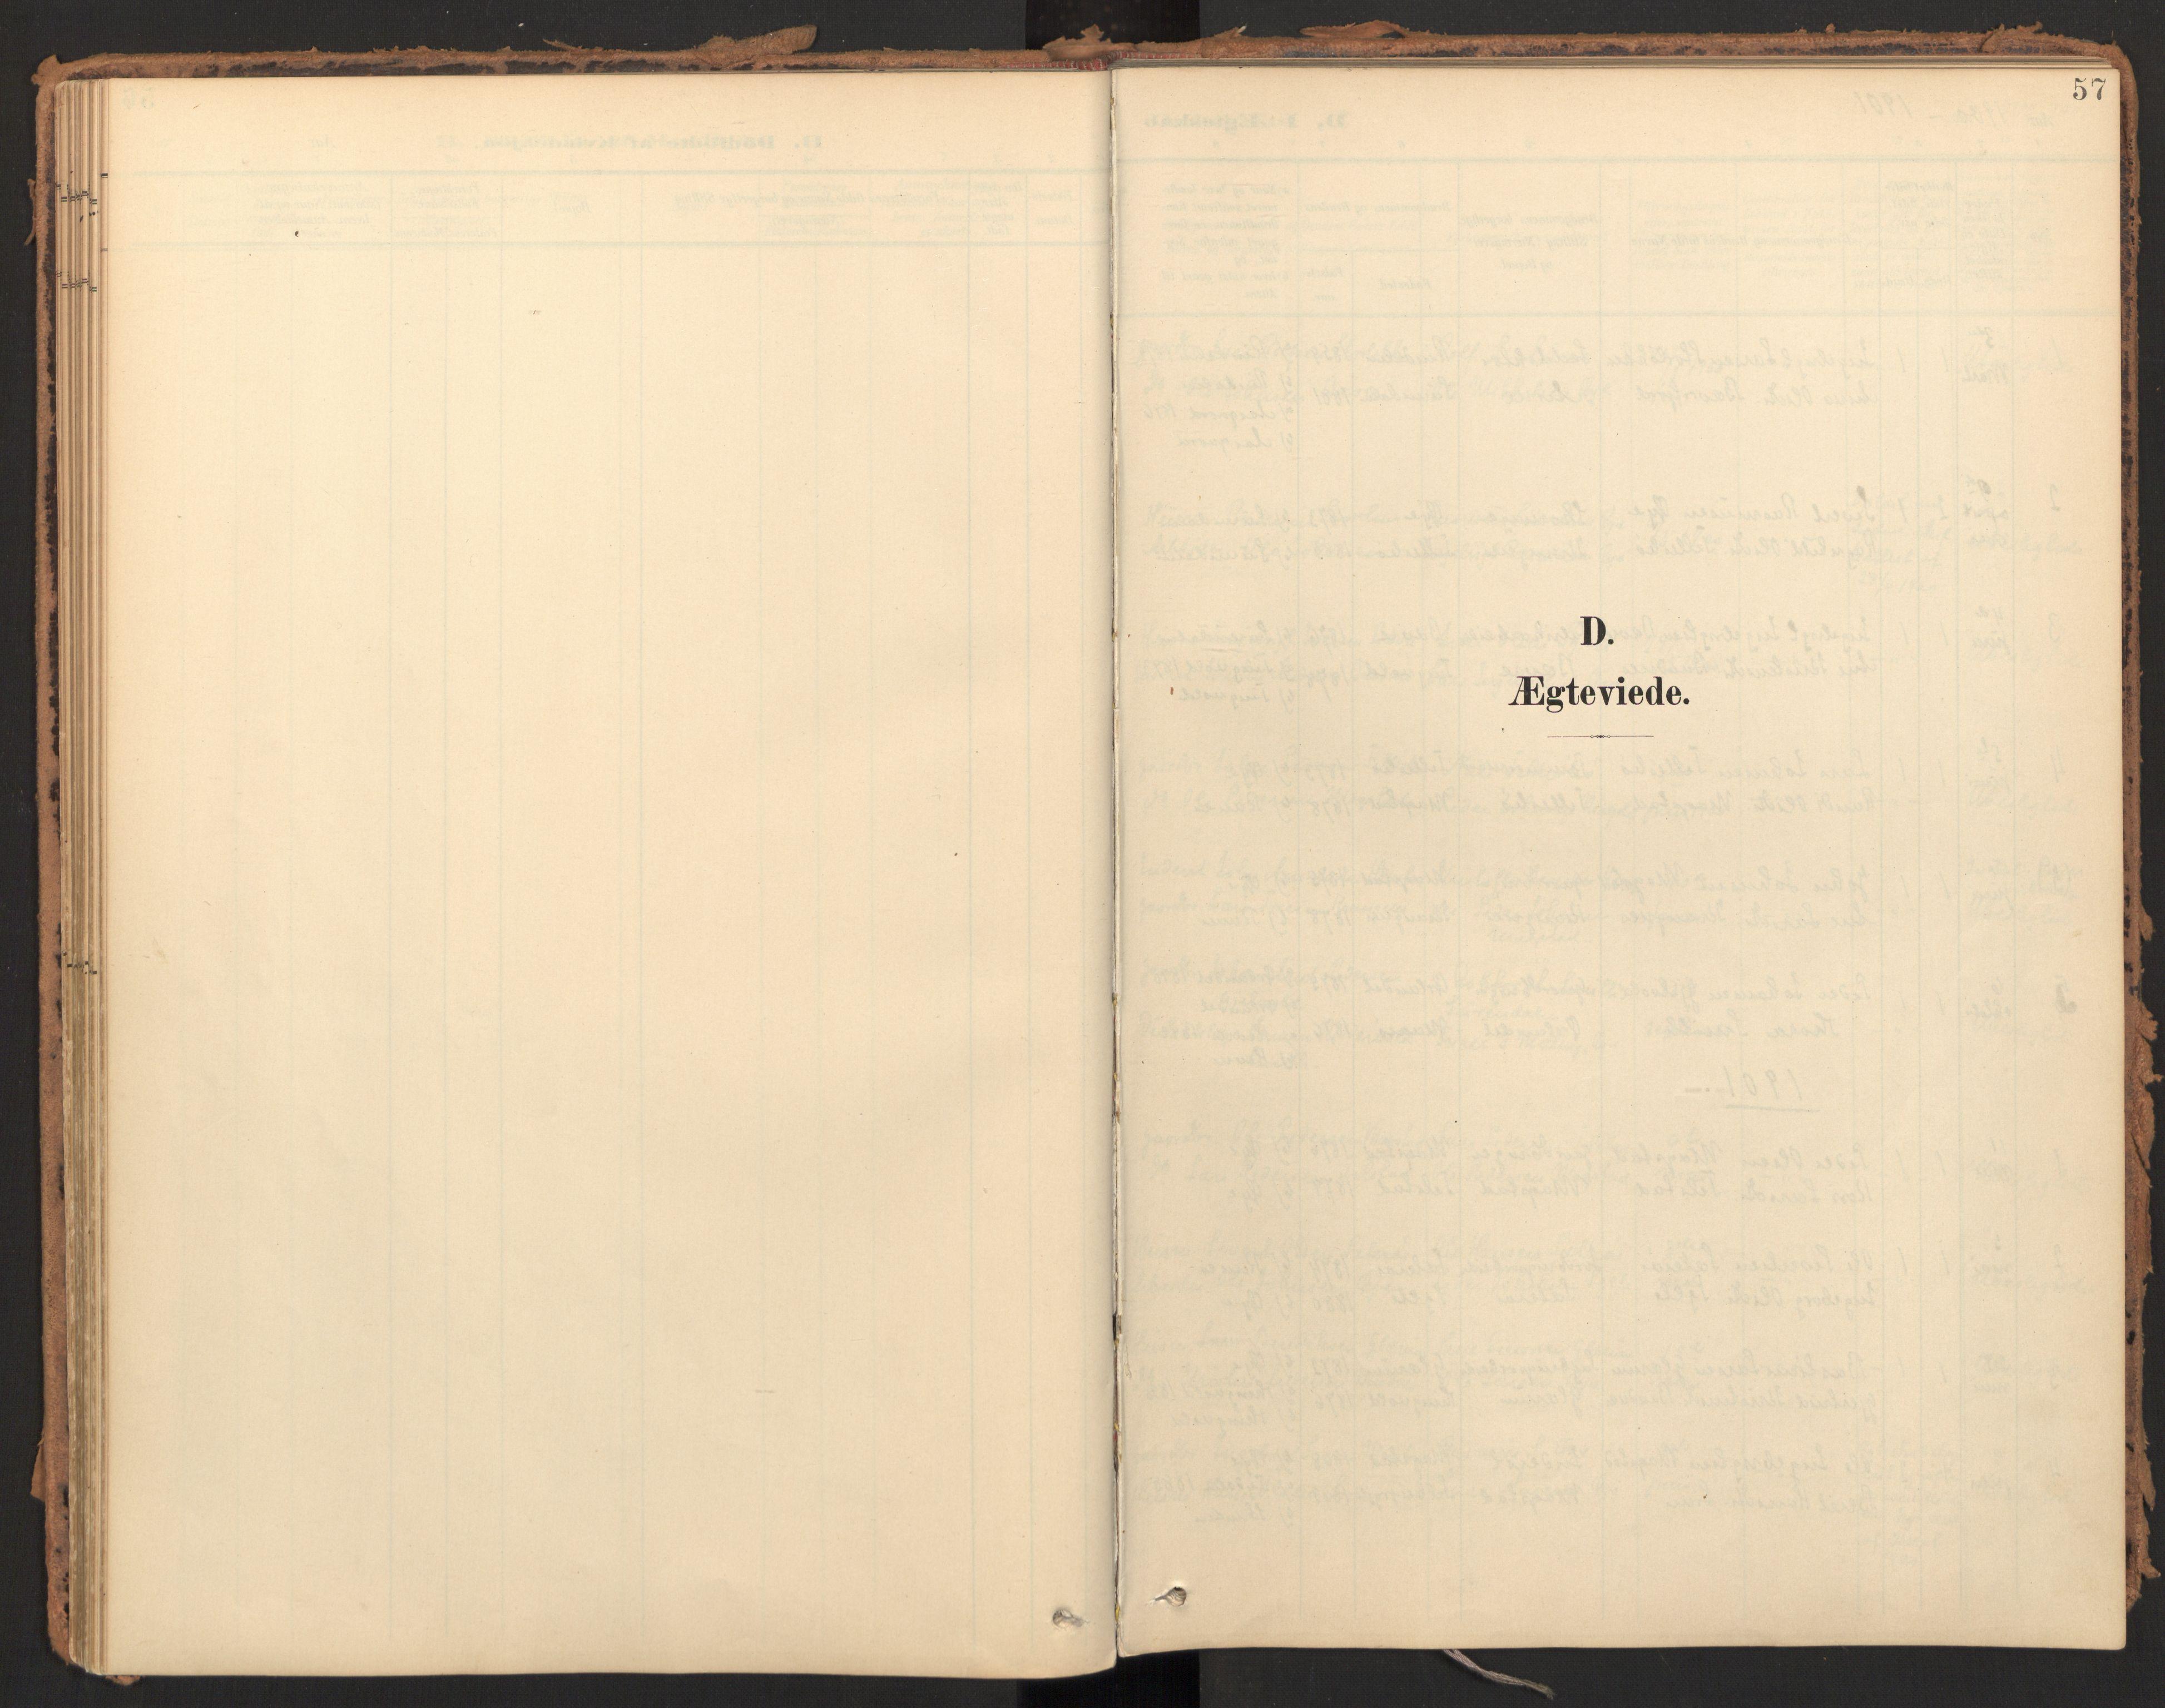 SAT, Ministerialprotokoller, klokkerbøker og fødselsregistre - Møre og Romsdal, 595/L1048: Parish register (official) no. 595A10, 1900-1917, p. 57